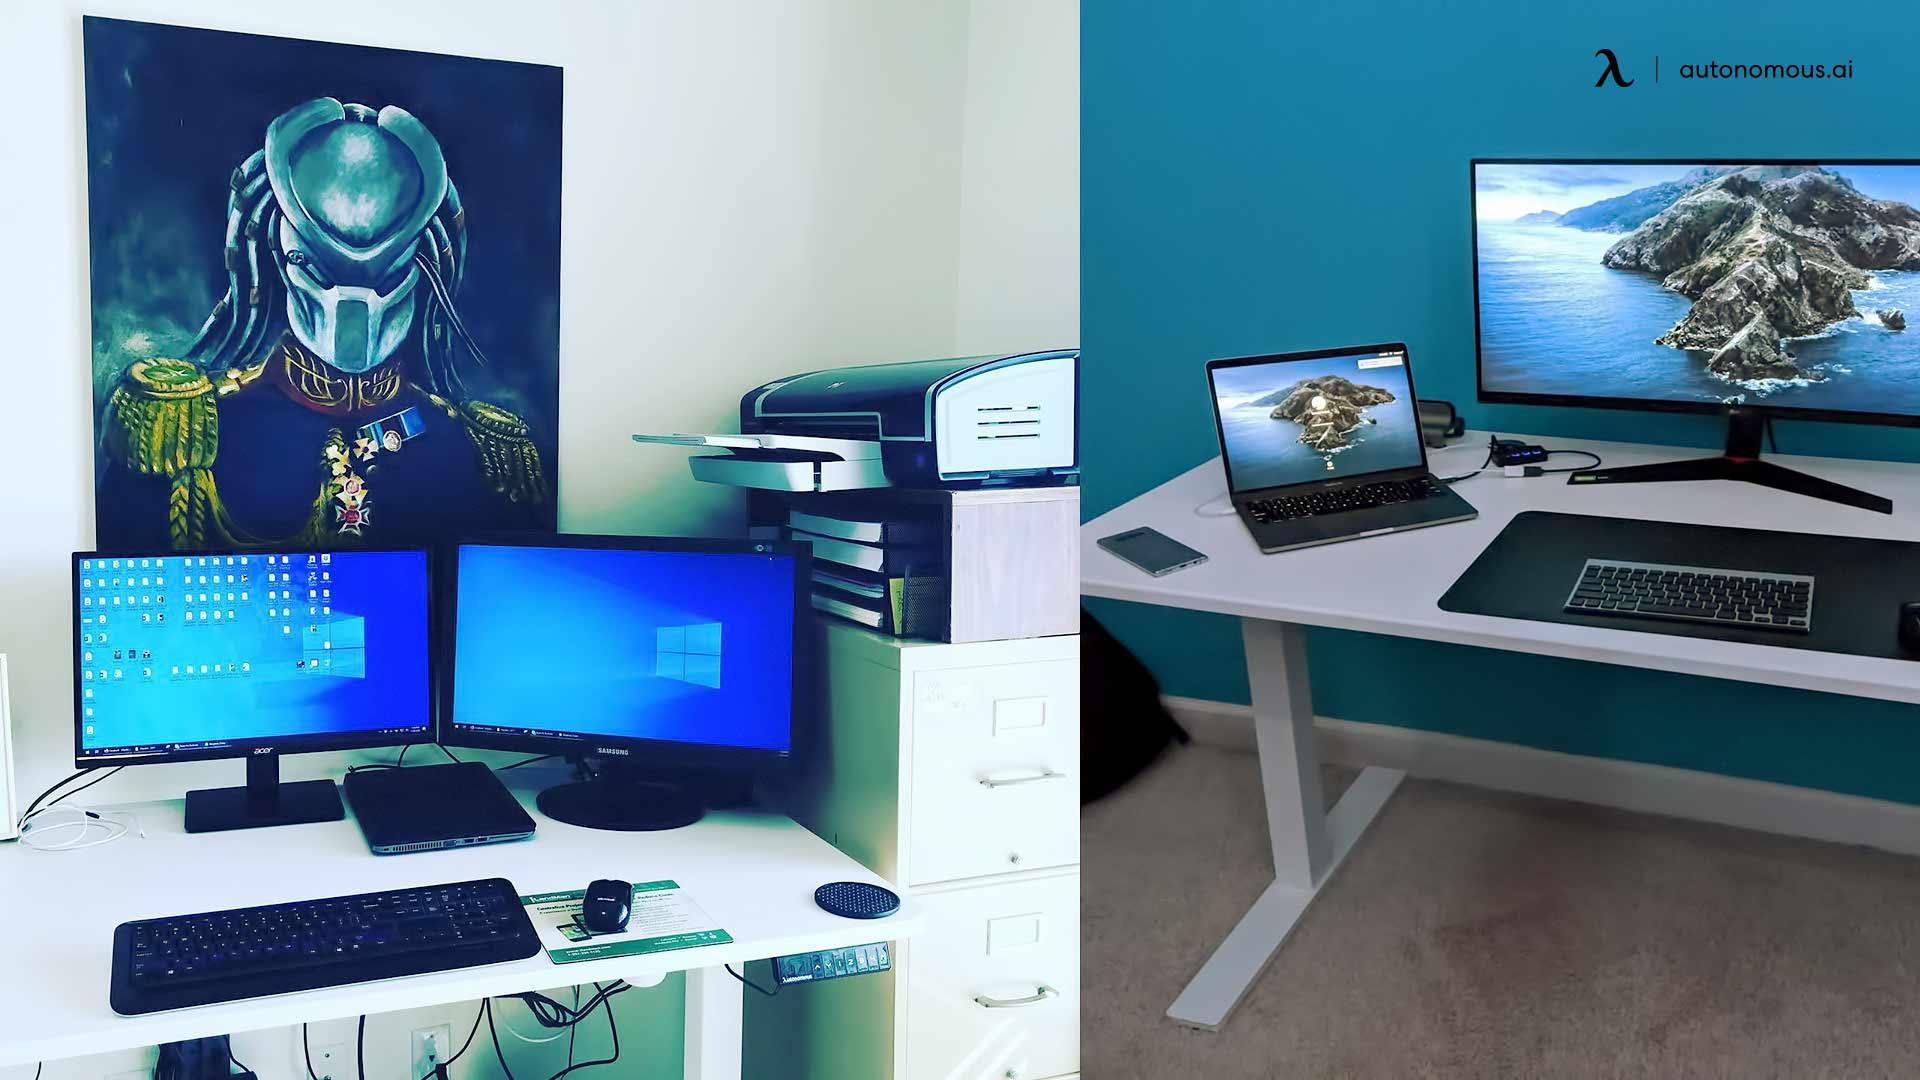 minimalist setup